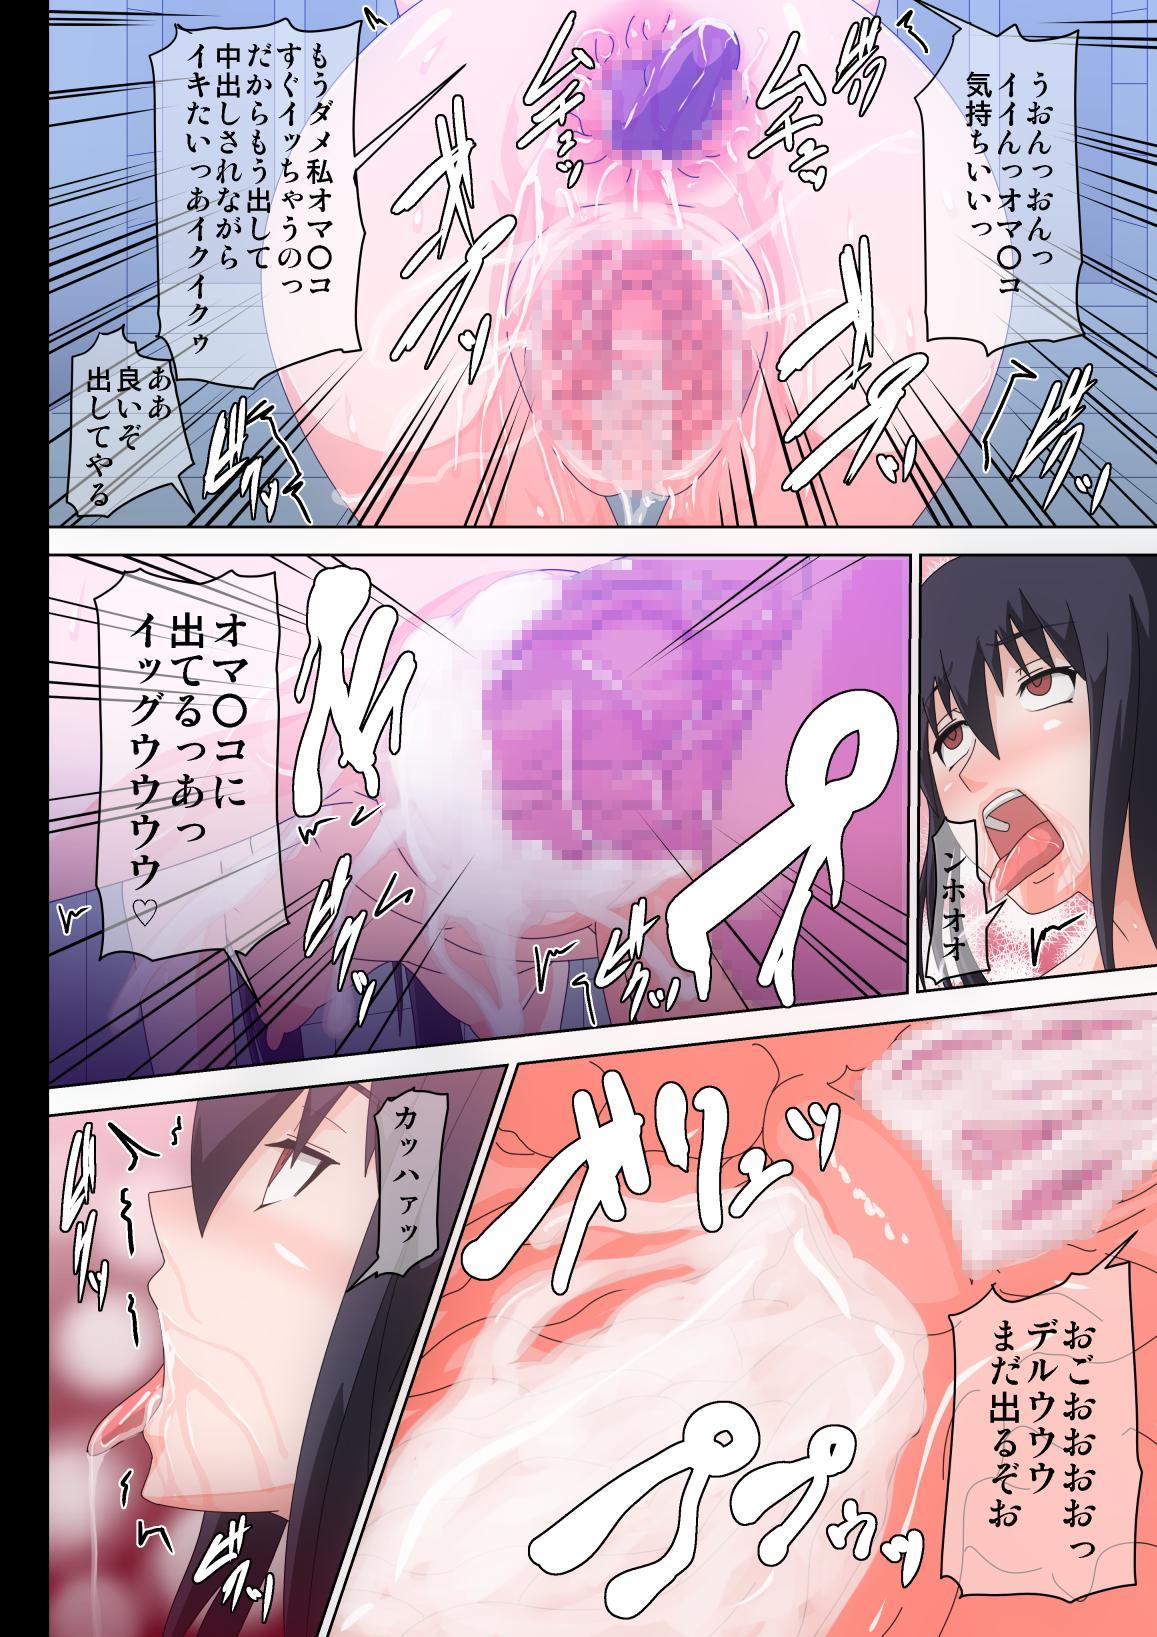 Watashi-tachi ga Sennou sare Inran Onna to Kashi Zenshin Omanko Joutai ni Naru made Choukyou sare Ian Pet toshite Shuppin sareru made no Monogatari 47